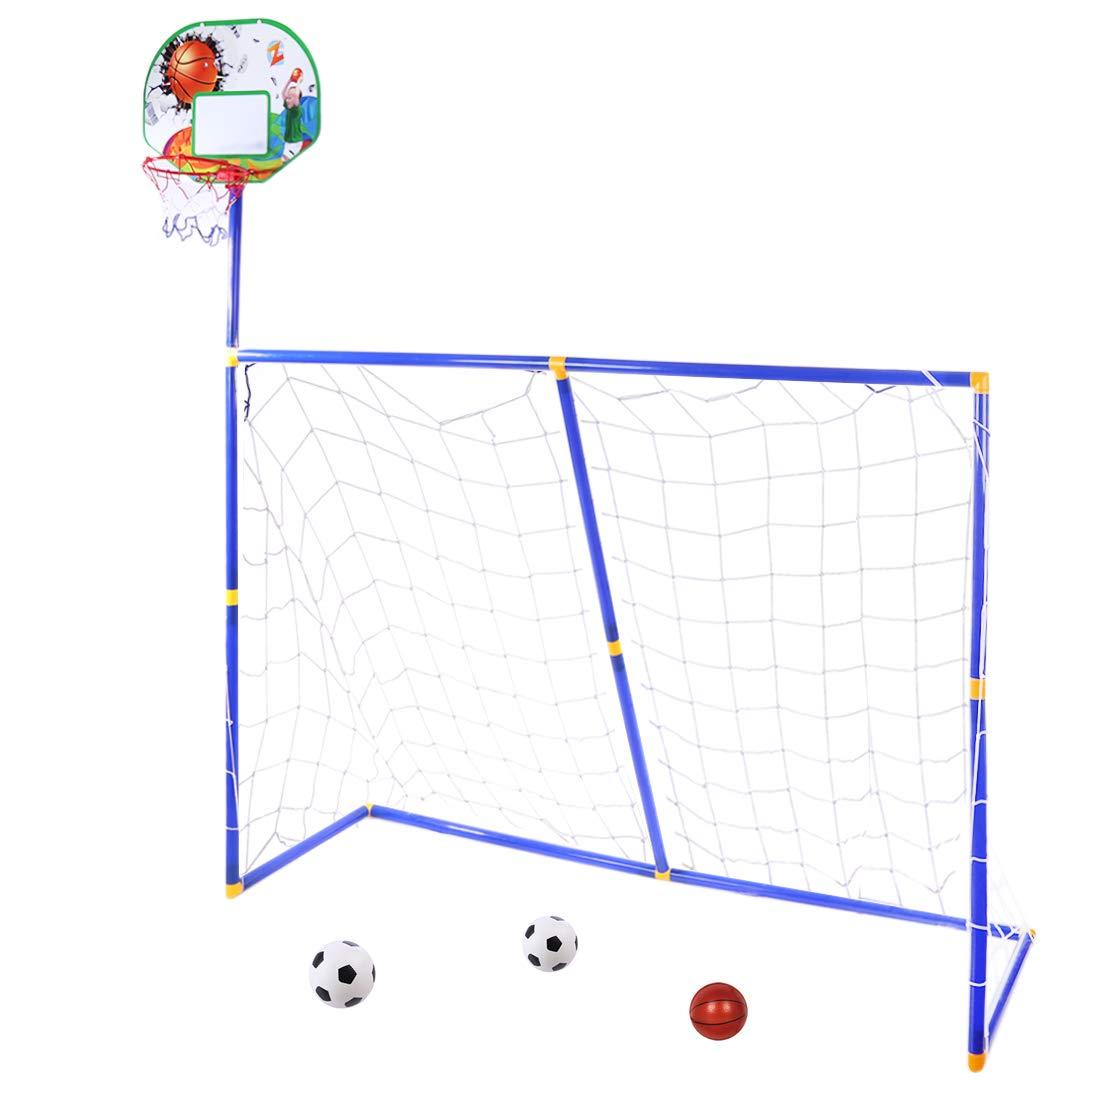 YAKOK But de Football, Enfants, 158* 158* 45.5cm, Kids Soccer Goal et Panier de Basketball buts de Football pour Enfant Intérieur et Sports de Plein air, Box Package